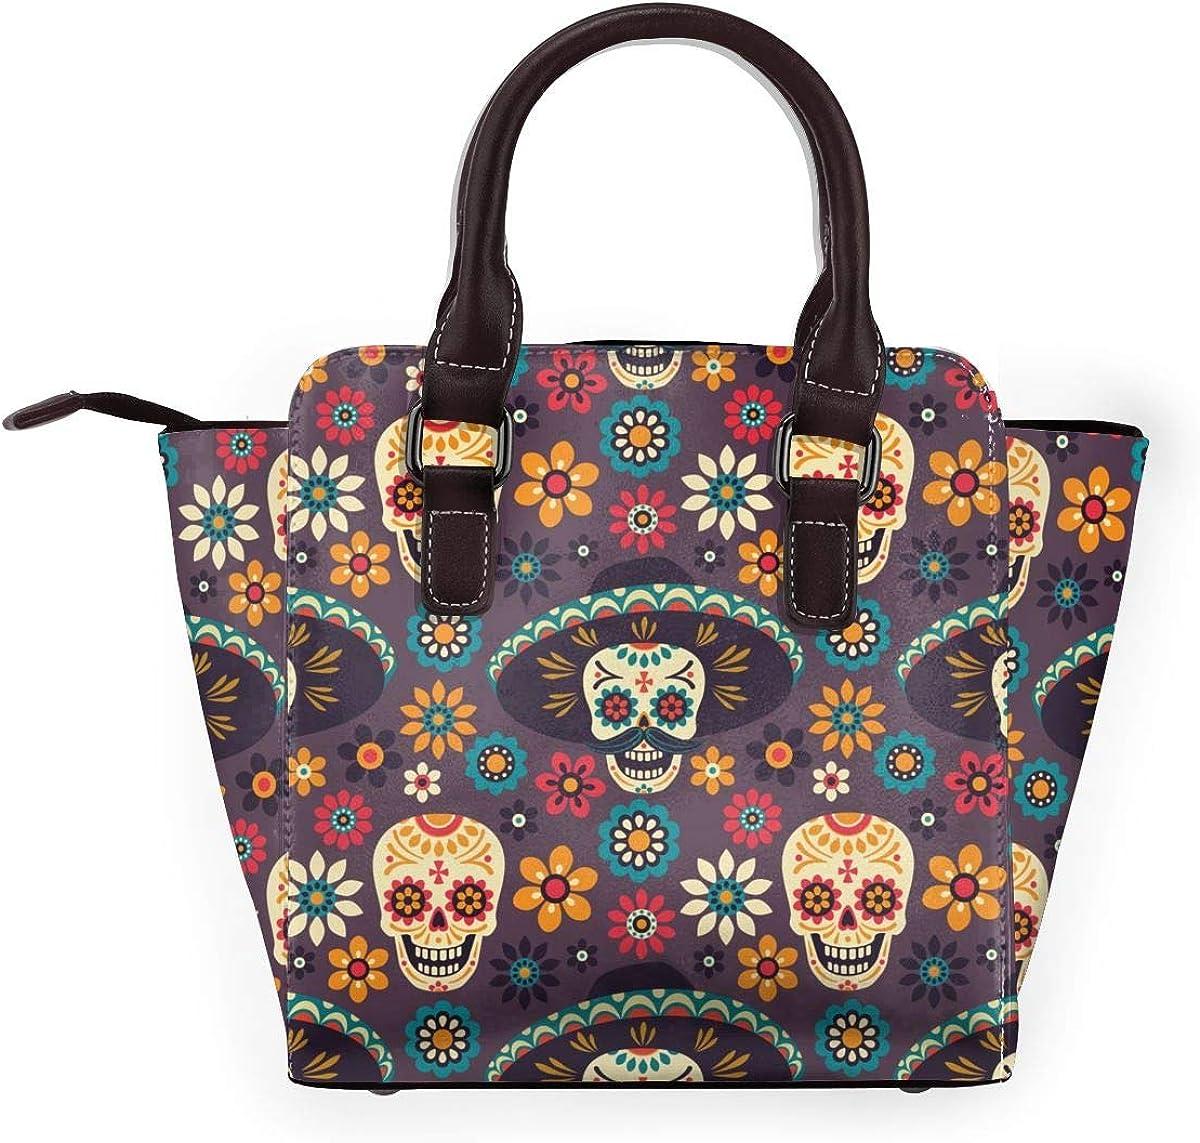 Sac à bandoulière en cuir véritable avec rivets Motif fleurs et squelettes dansants Colorful Sugar Skulls Flowers1